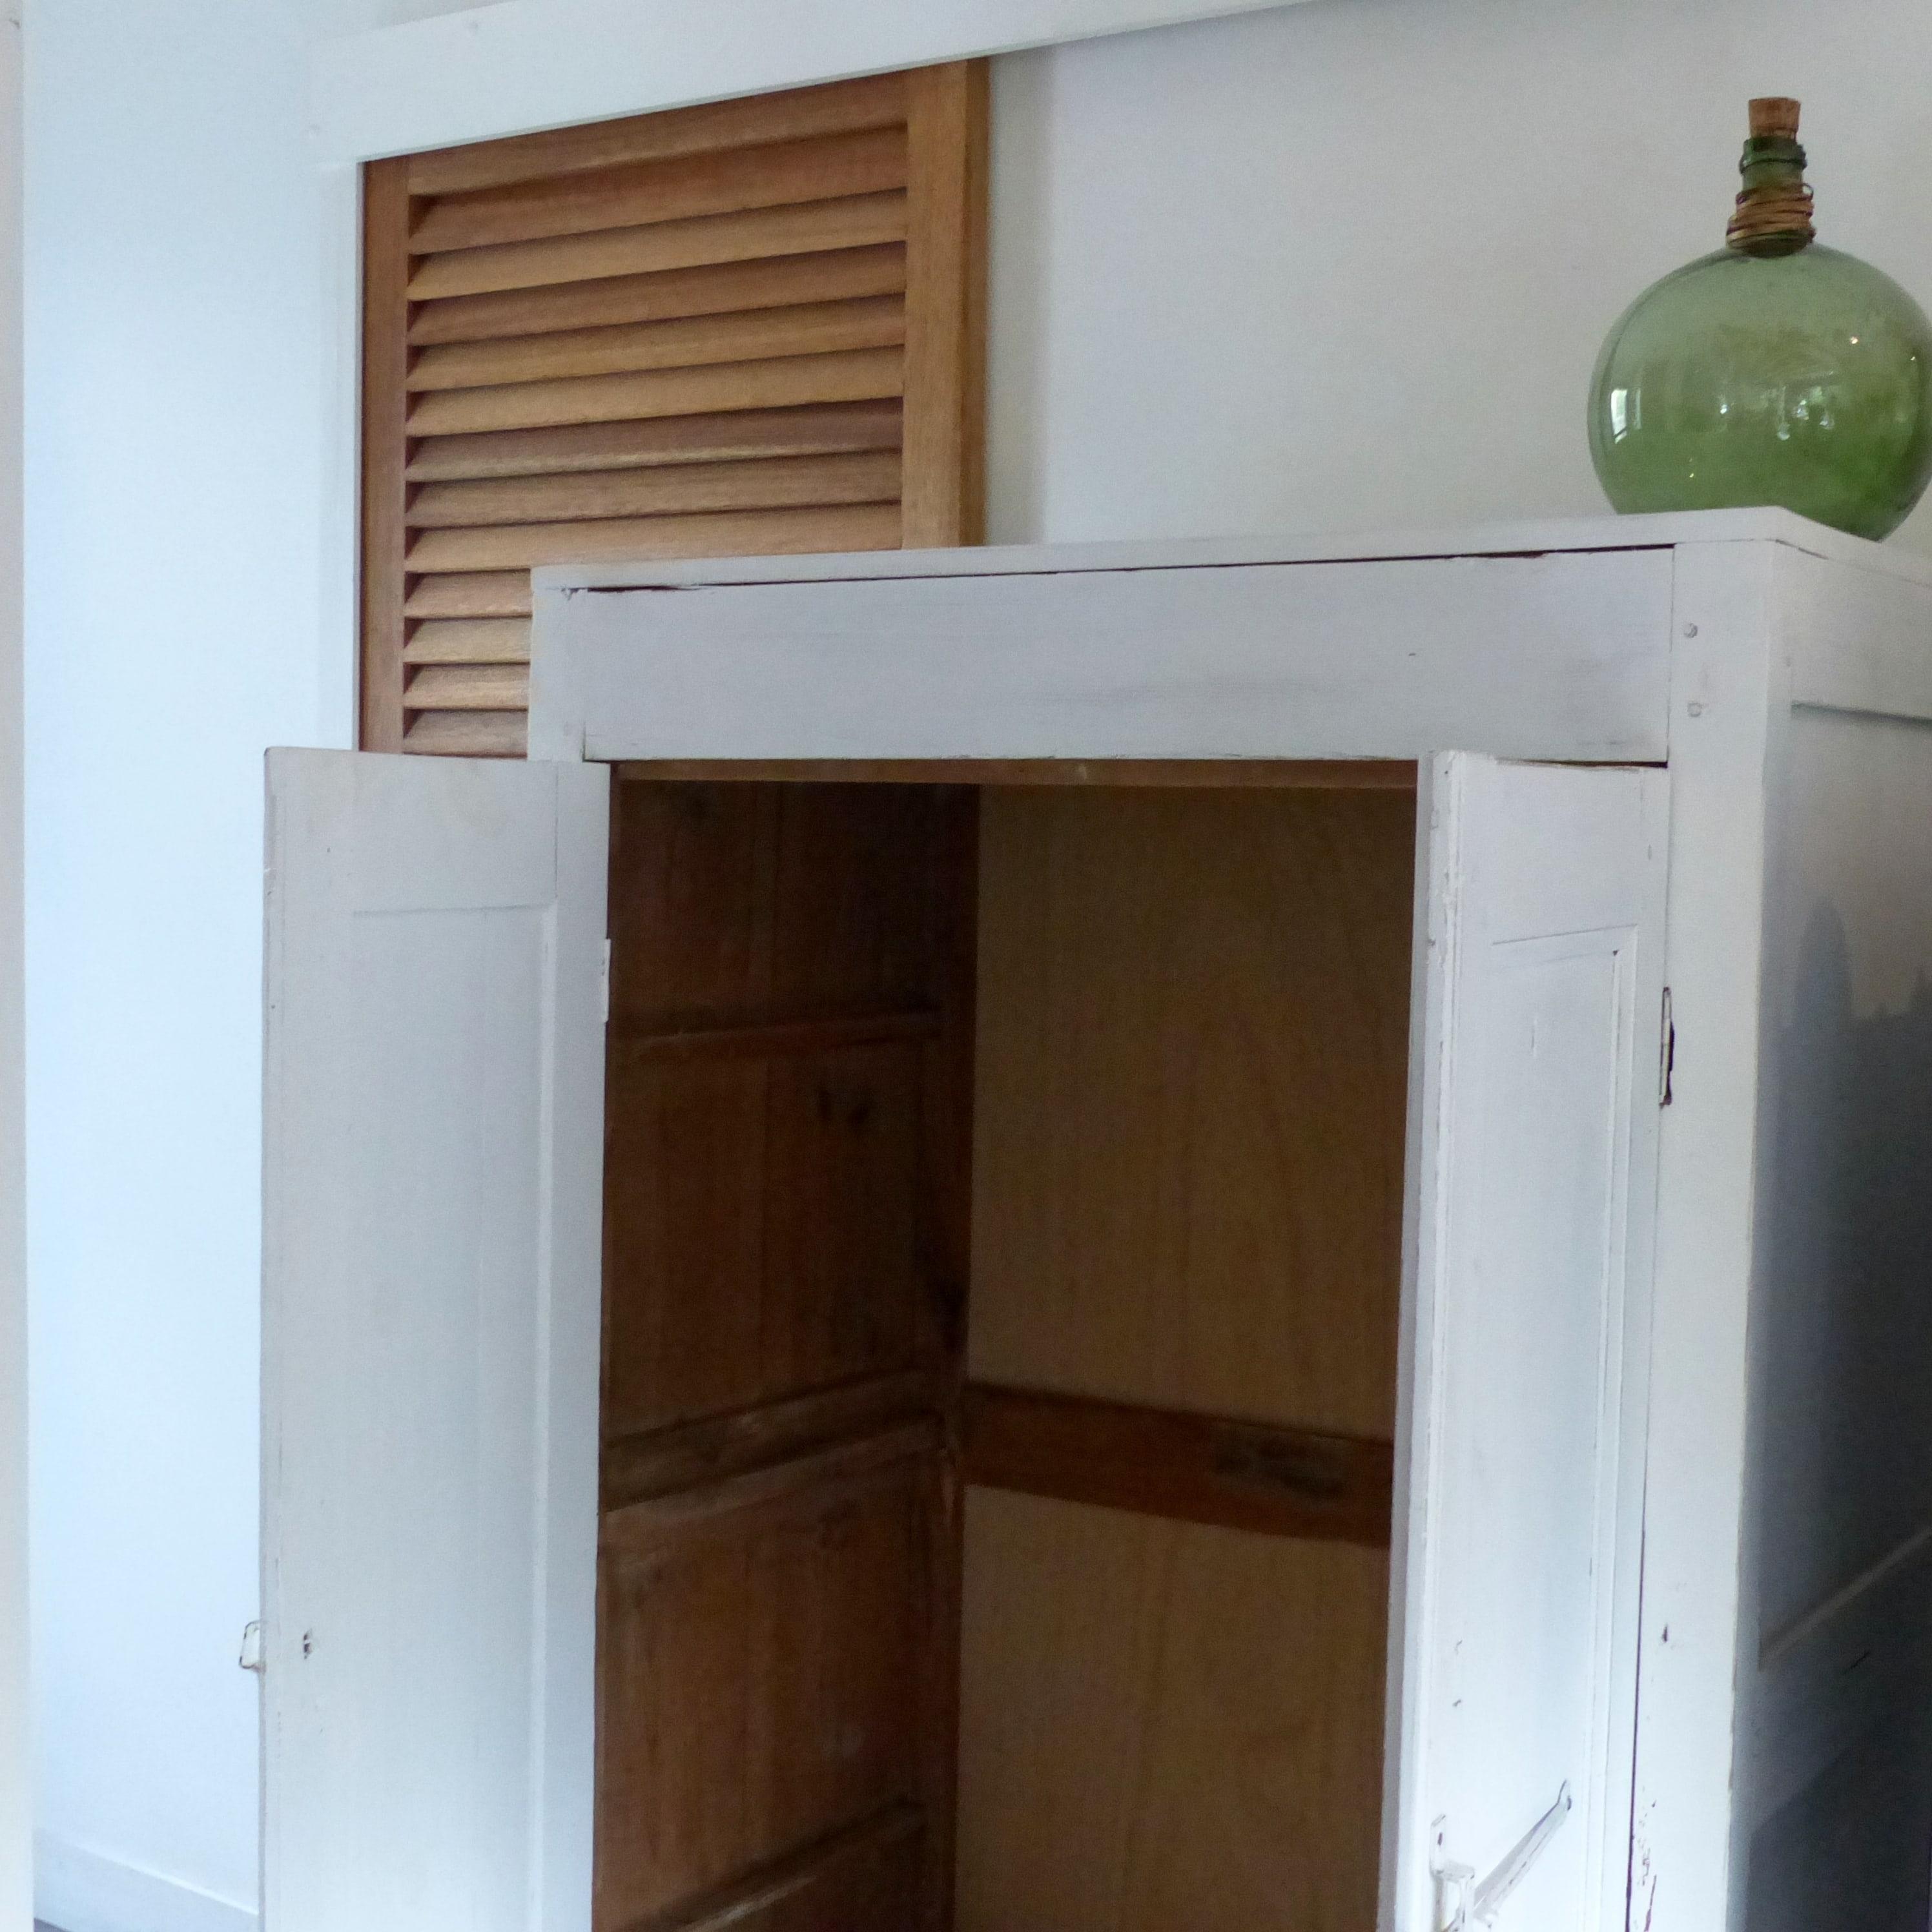 armoire penderie en bois patin blanc lignedebrocante brocante en ligne chine pour vous. Black Bedroom Furniture Sets. Home Design Ideas